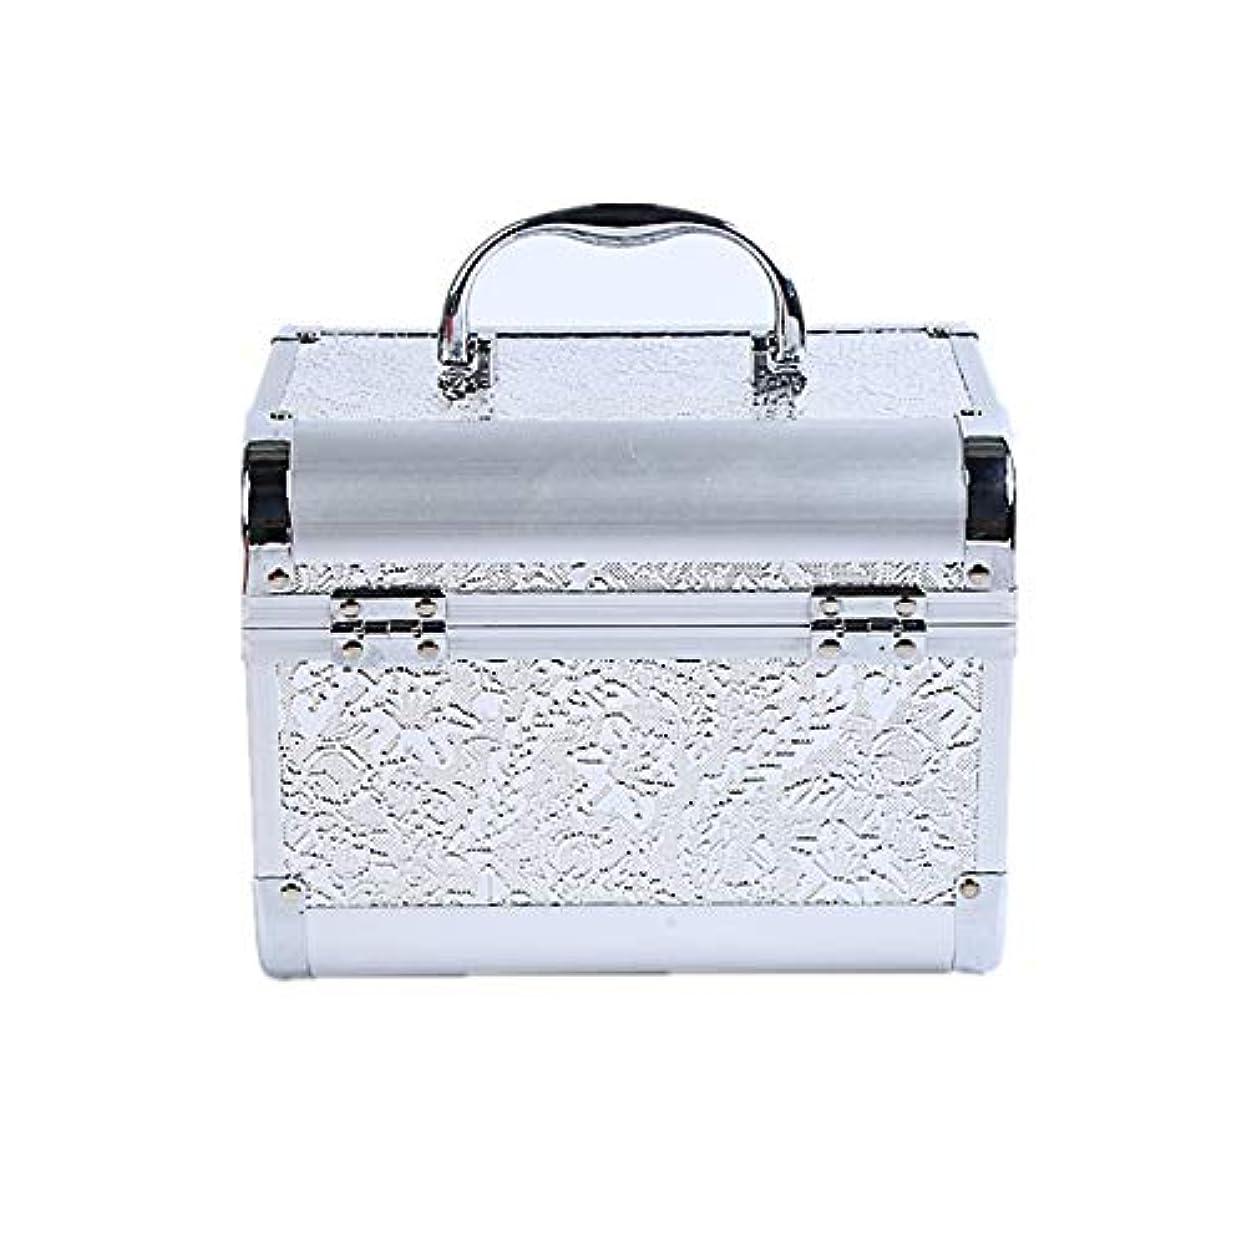 ラケットカバレッジタンク化粧オーガナイザーバッグ コード化されたロックと化粧鏡で小さなものの種類の旅行のための美容メイクアップのための白い化粧ケース 化粧品ケース